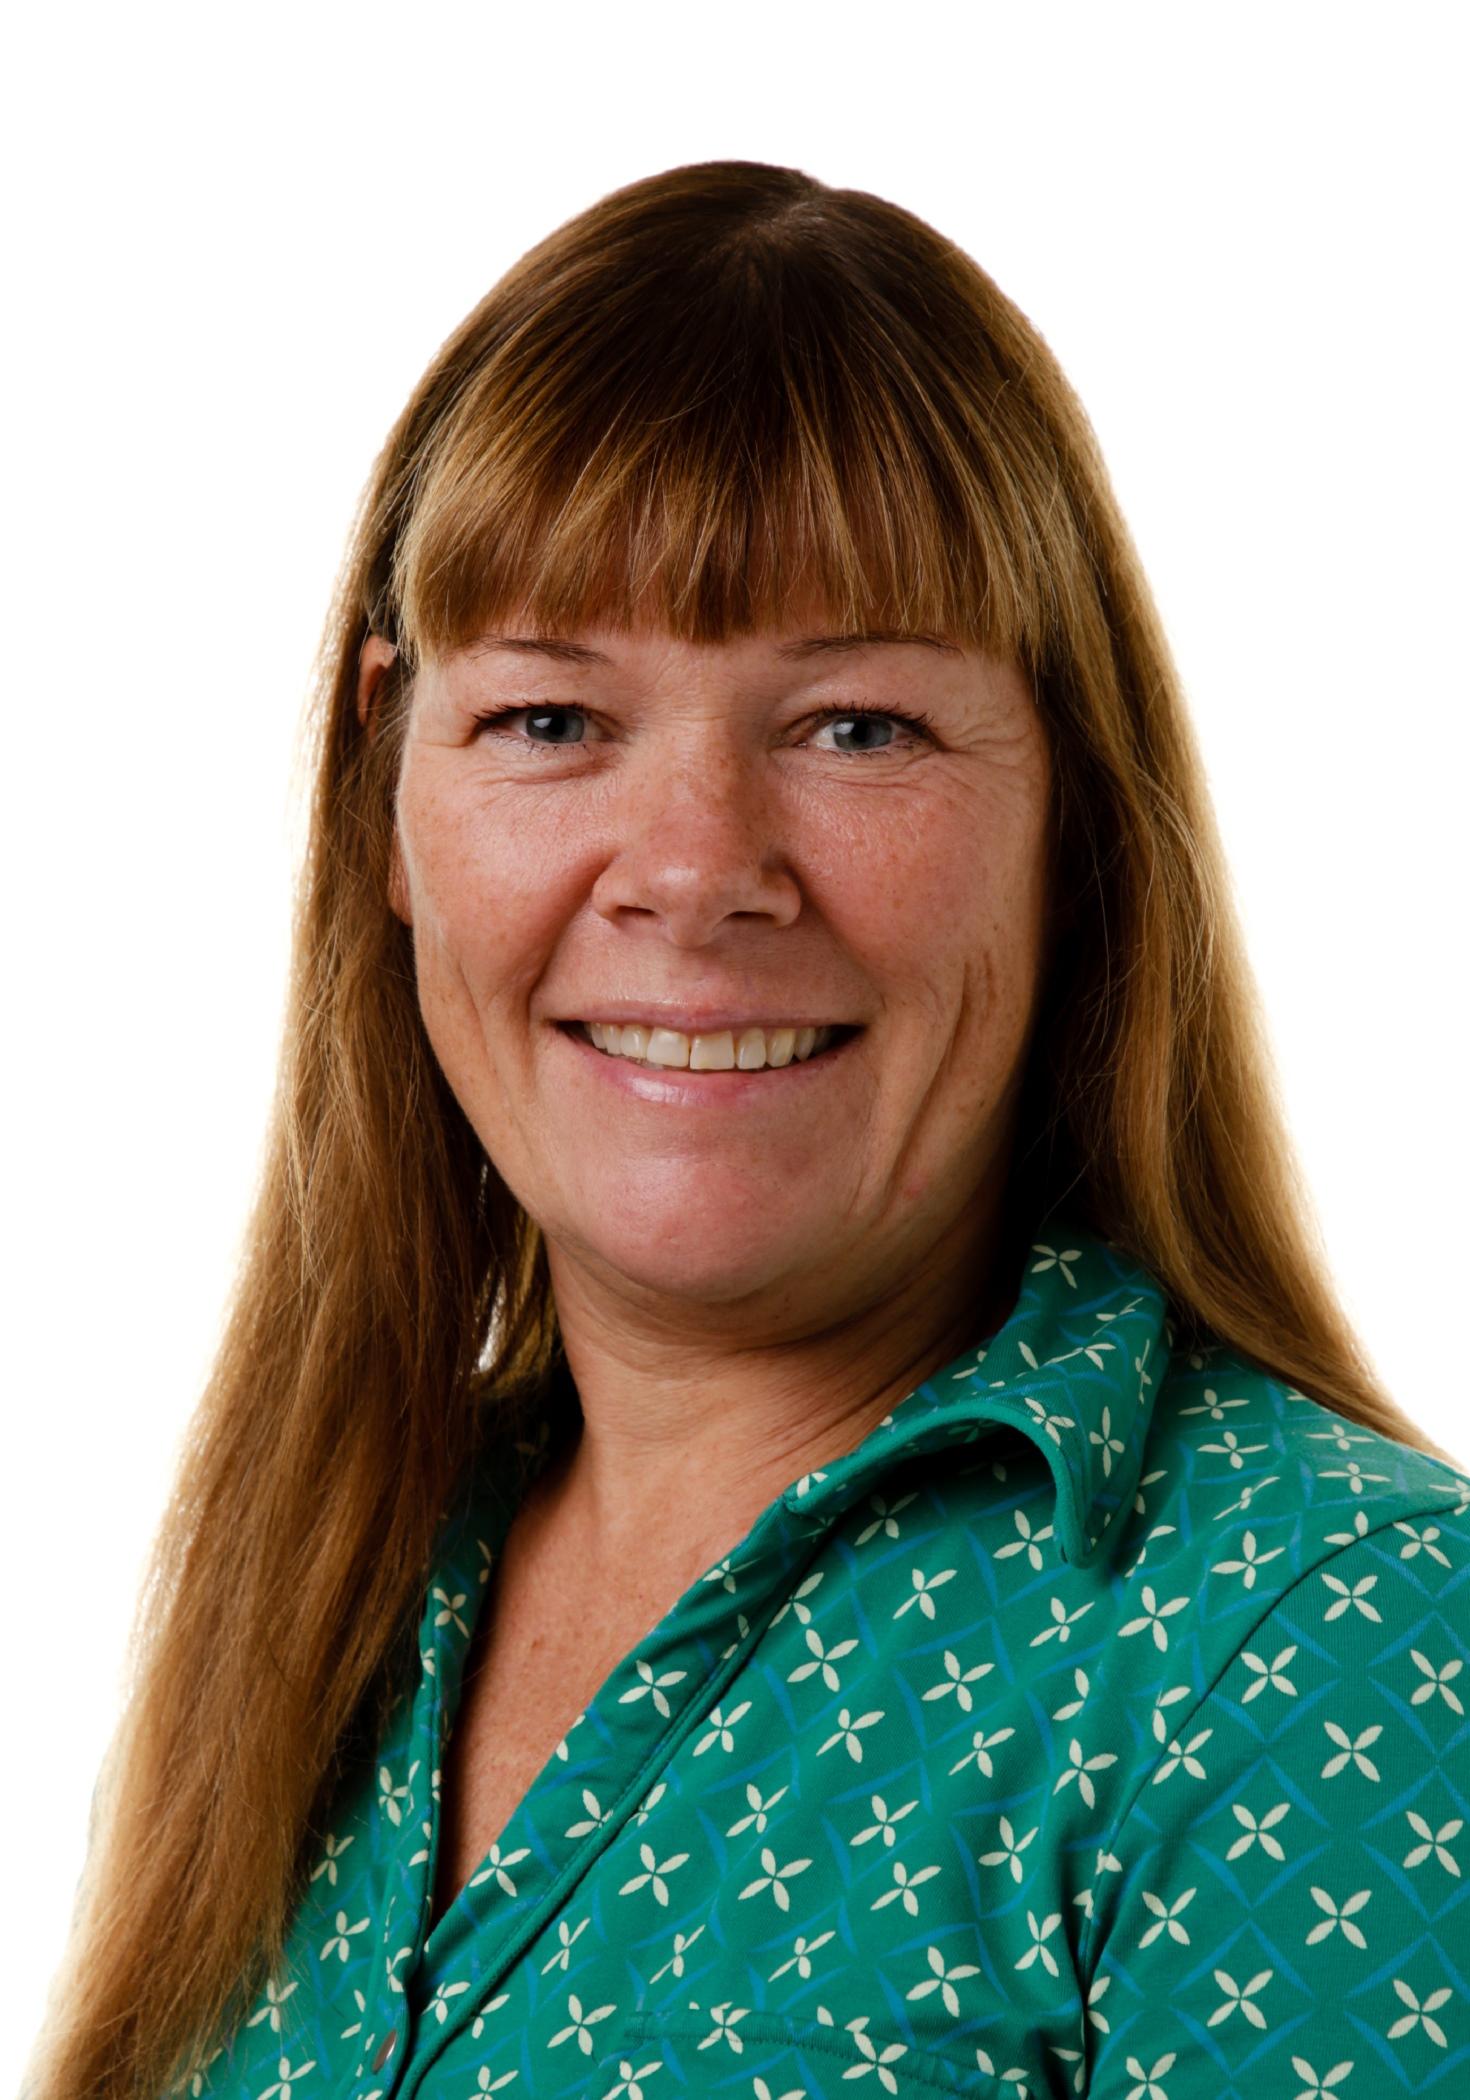 Viceforstander, Rikke Linck  E-mail: riklin@gladsaxe.dk